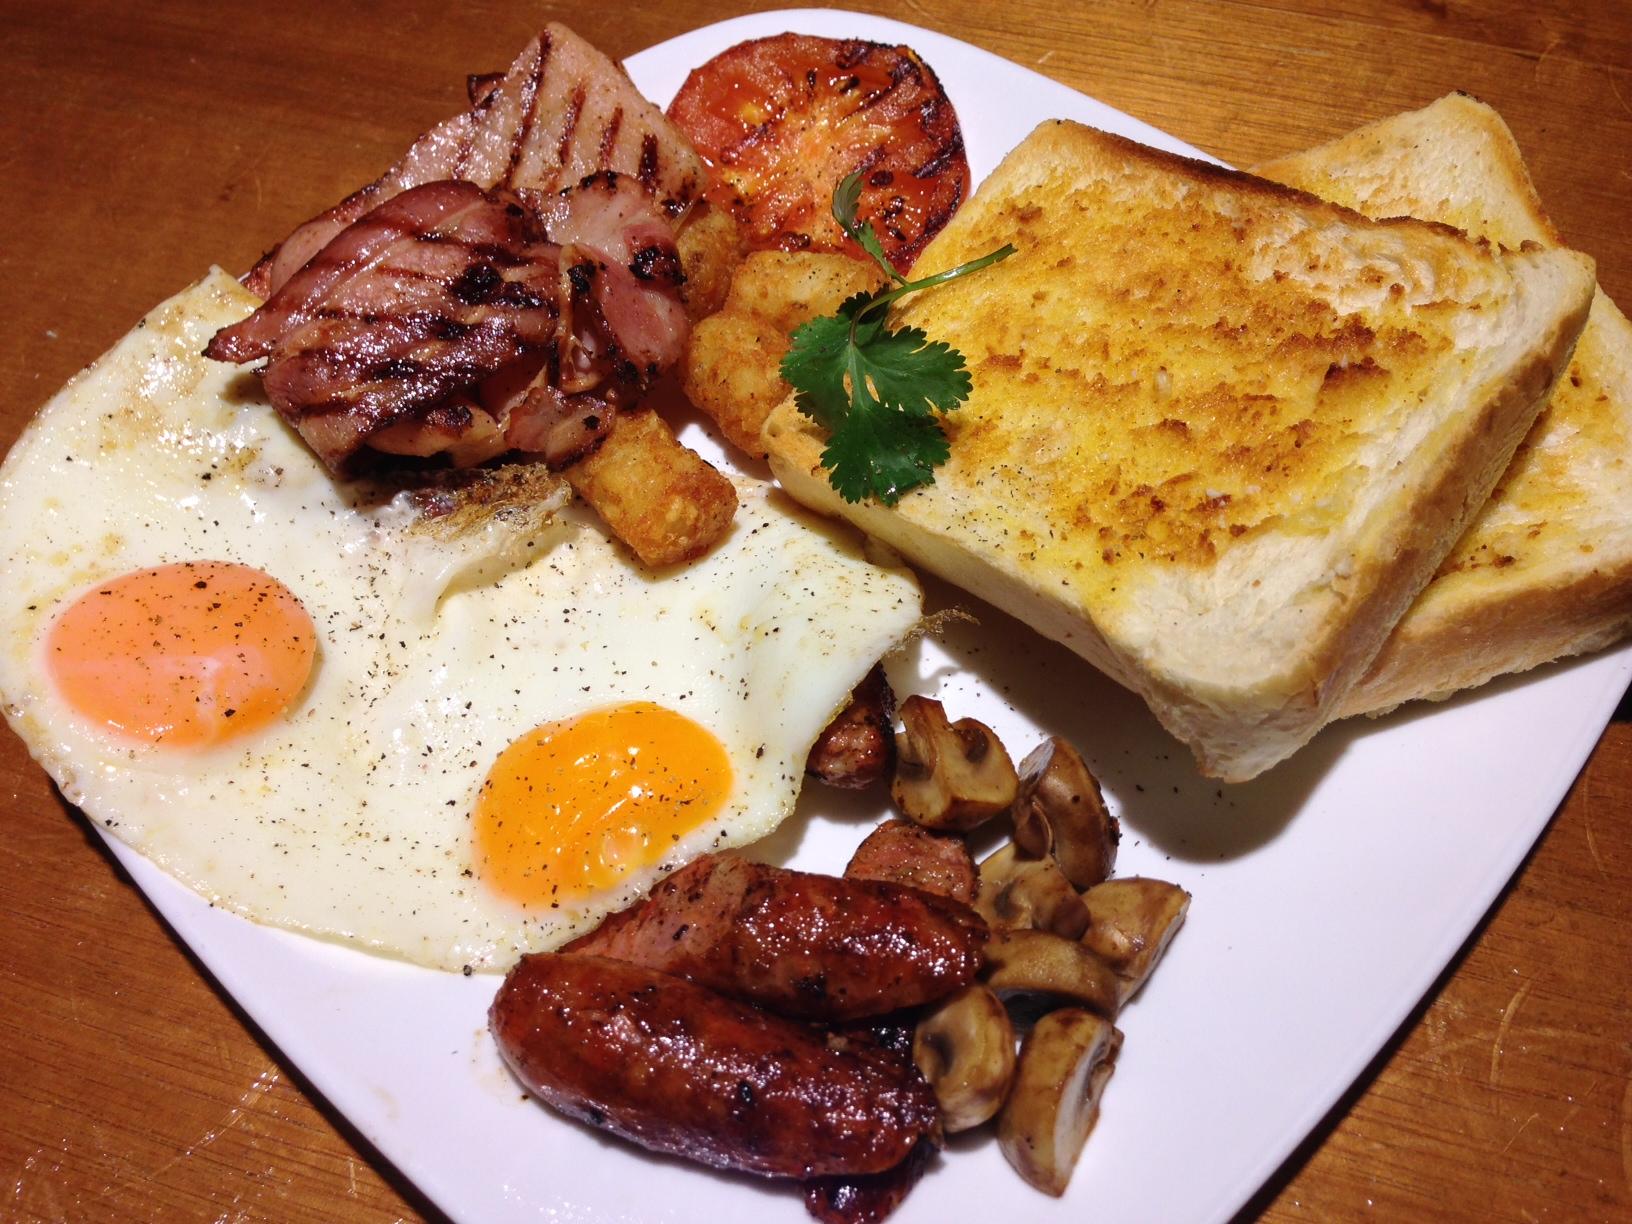 'Lil' Big Breakfast